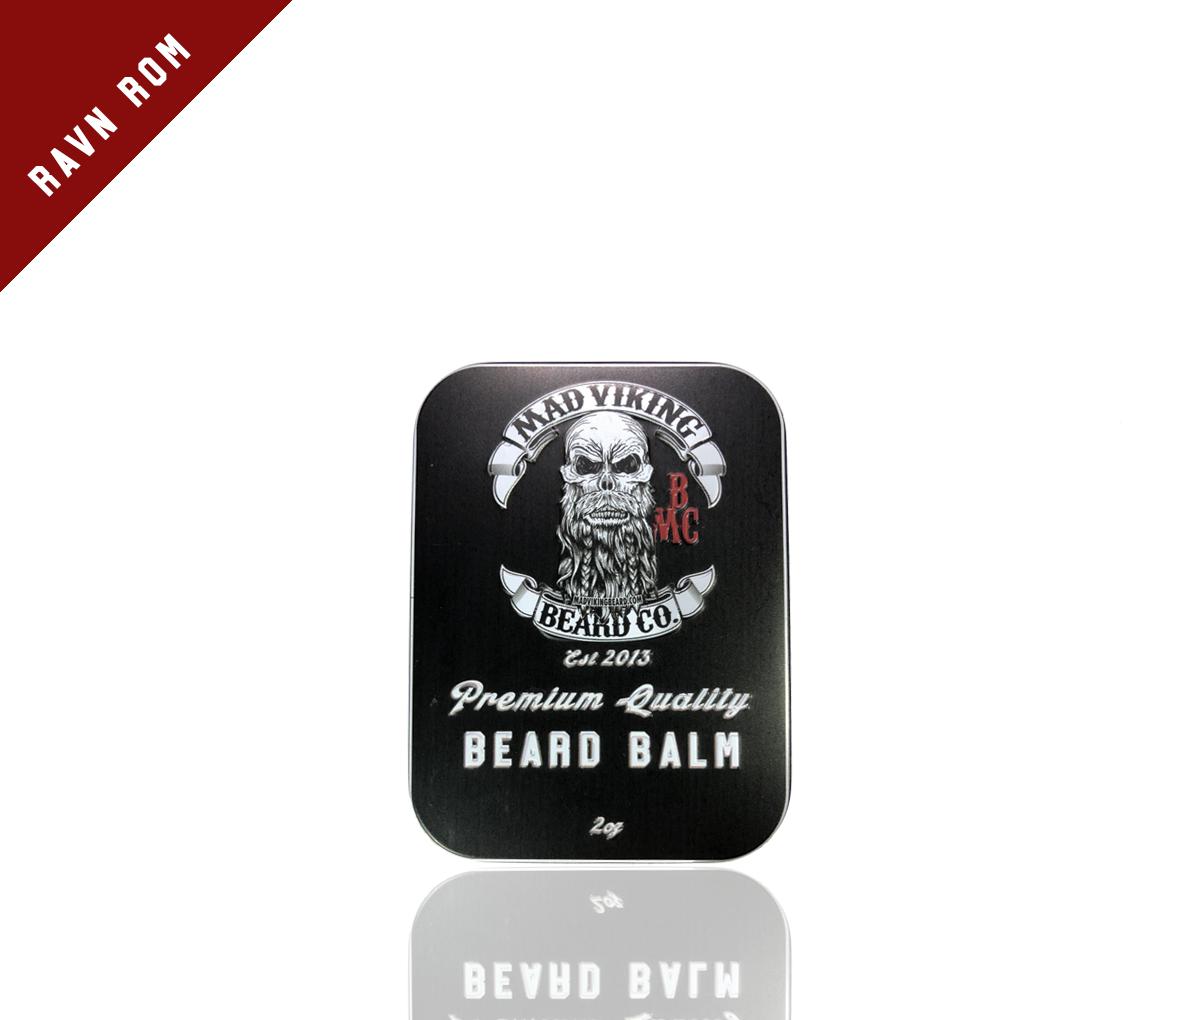 Ravn Rom Beard Balm 2oz